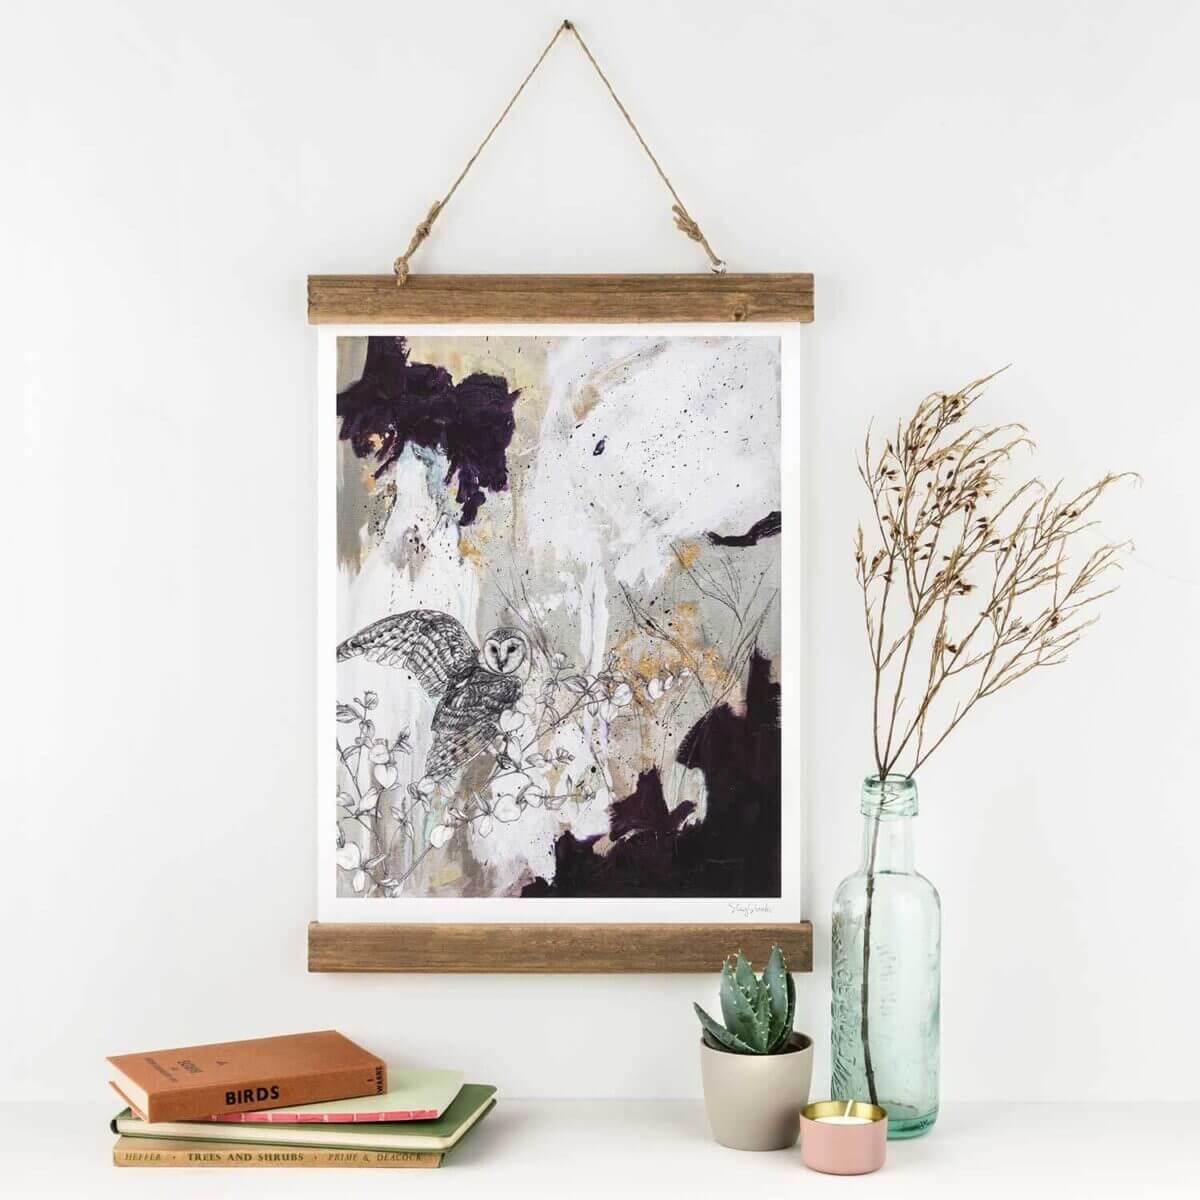 Barn-Owl-Art-Print-Sky-Siouki